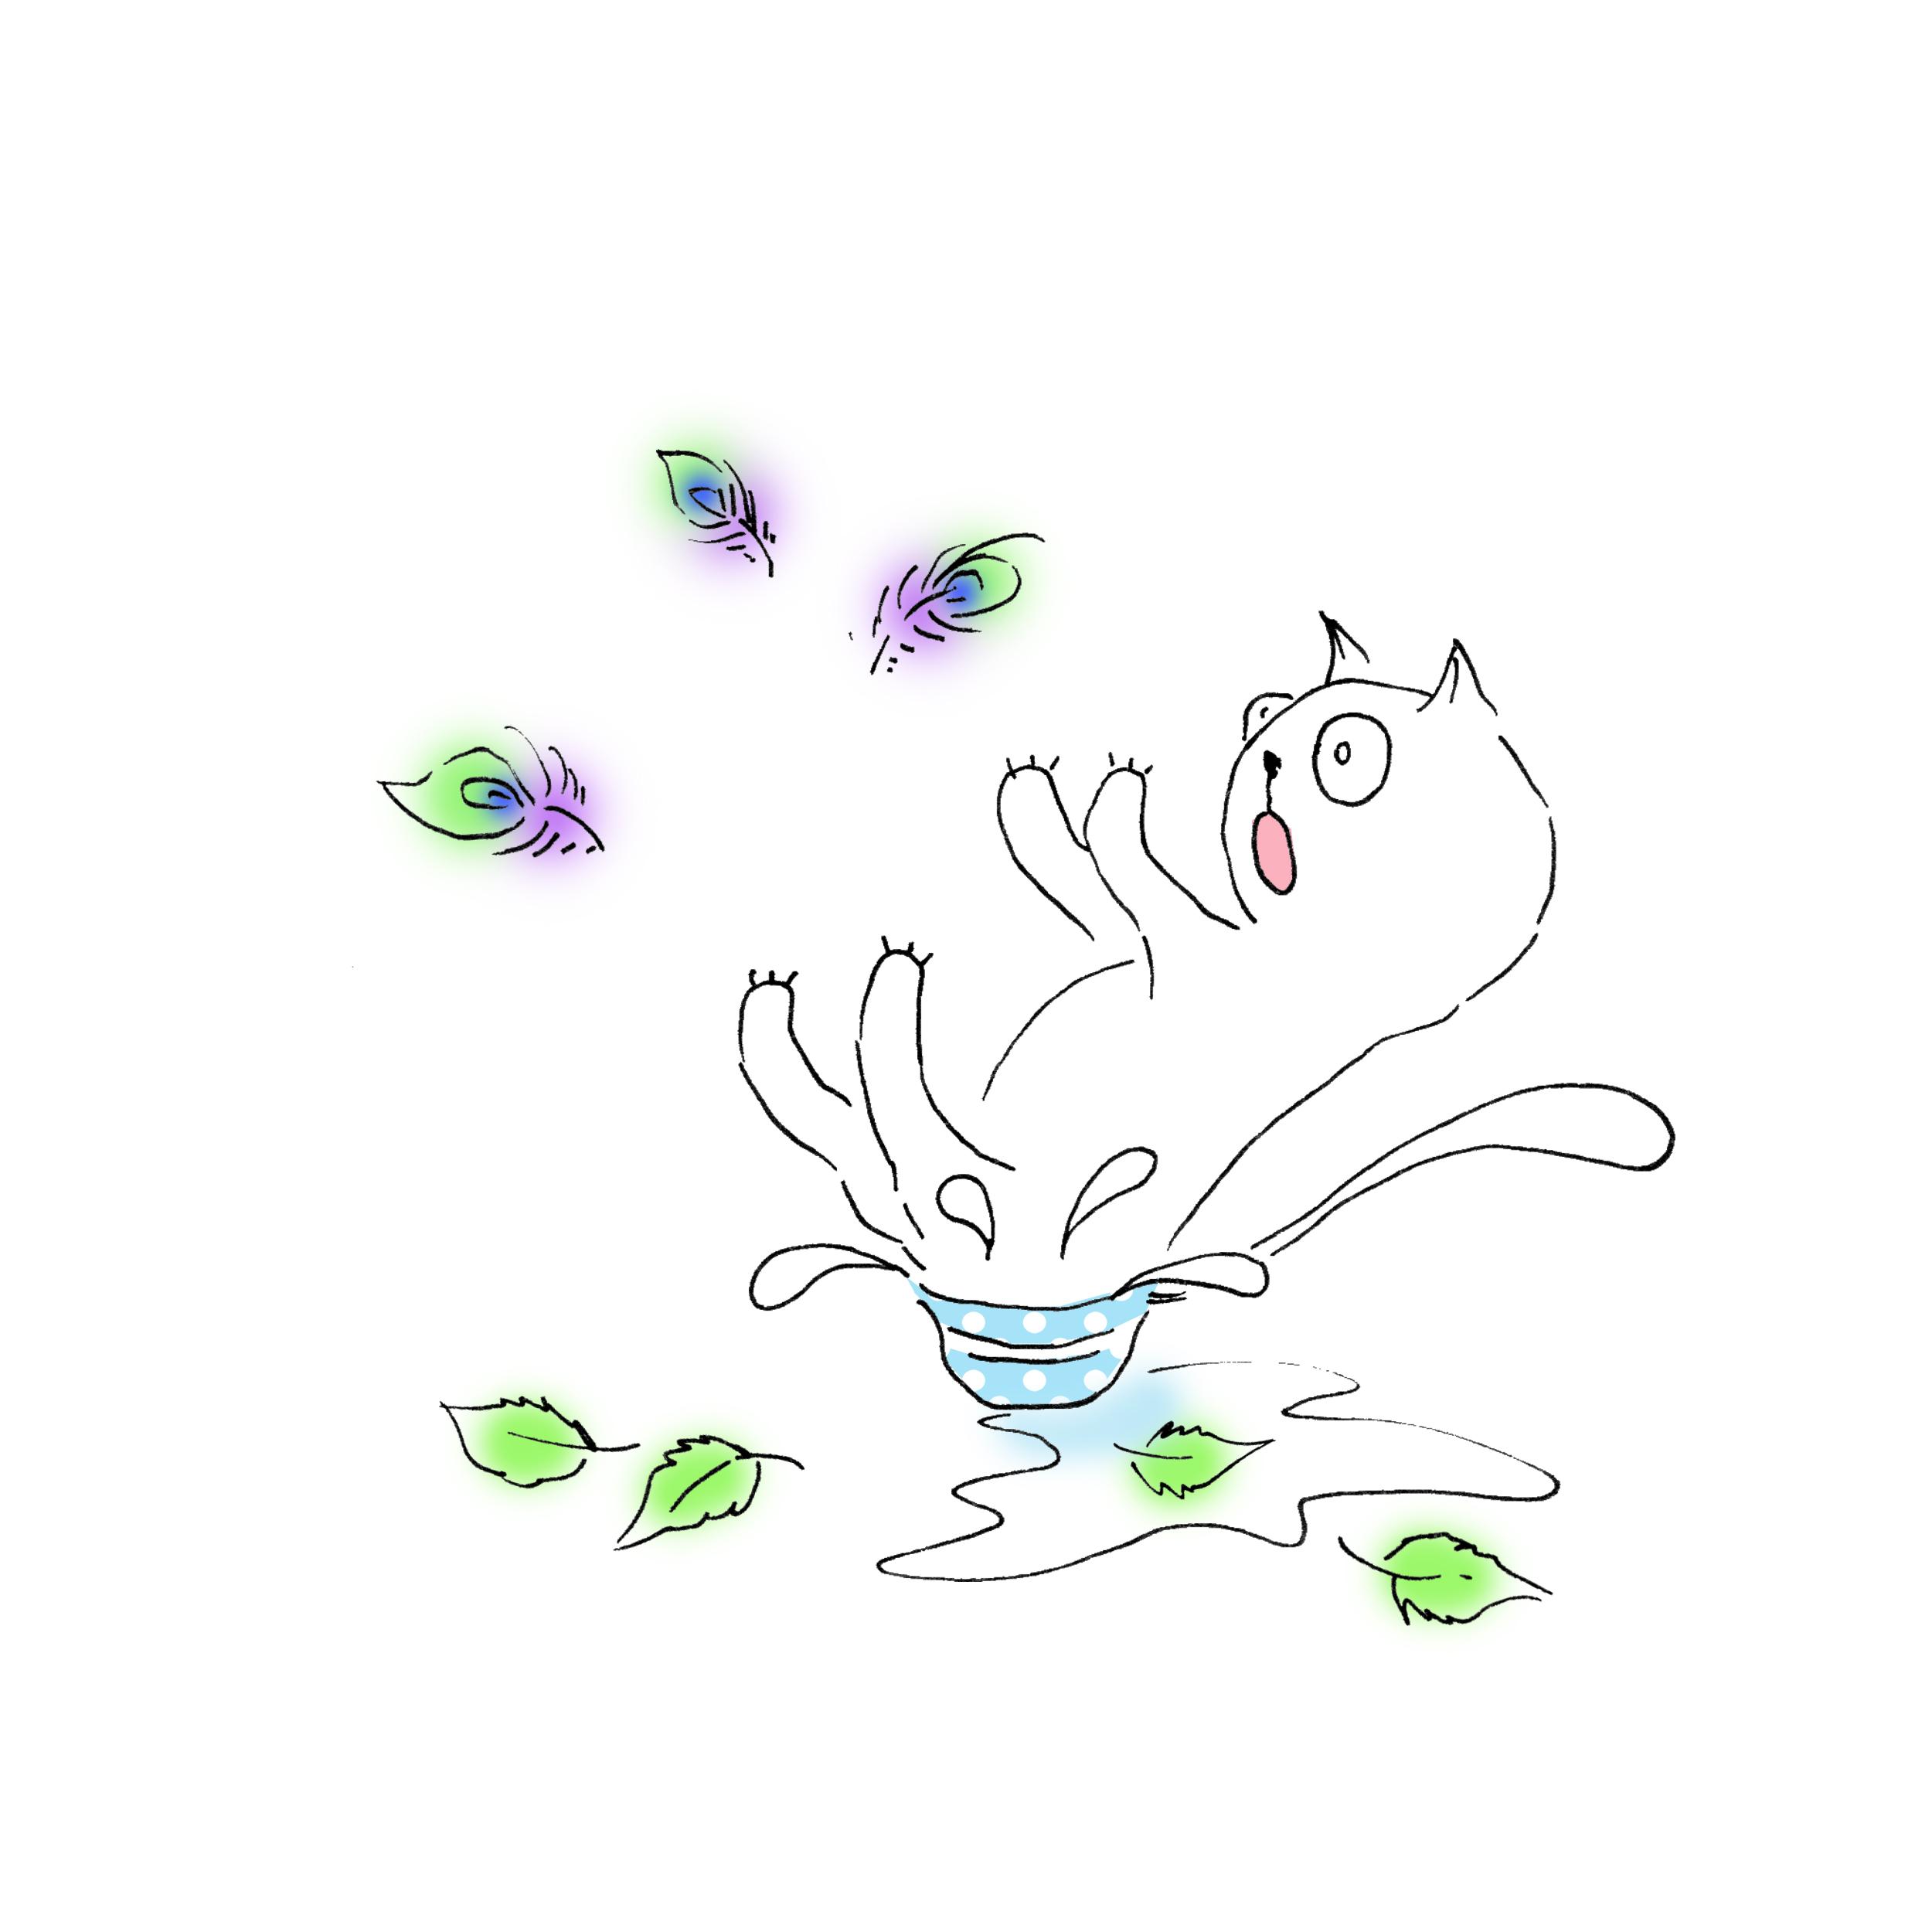 מימי&קיטי – 3 – הבית החדש של קיטי by Irena Brodeski - Illustrated by Irena Brodeski - Ourboox.com